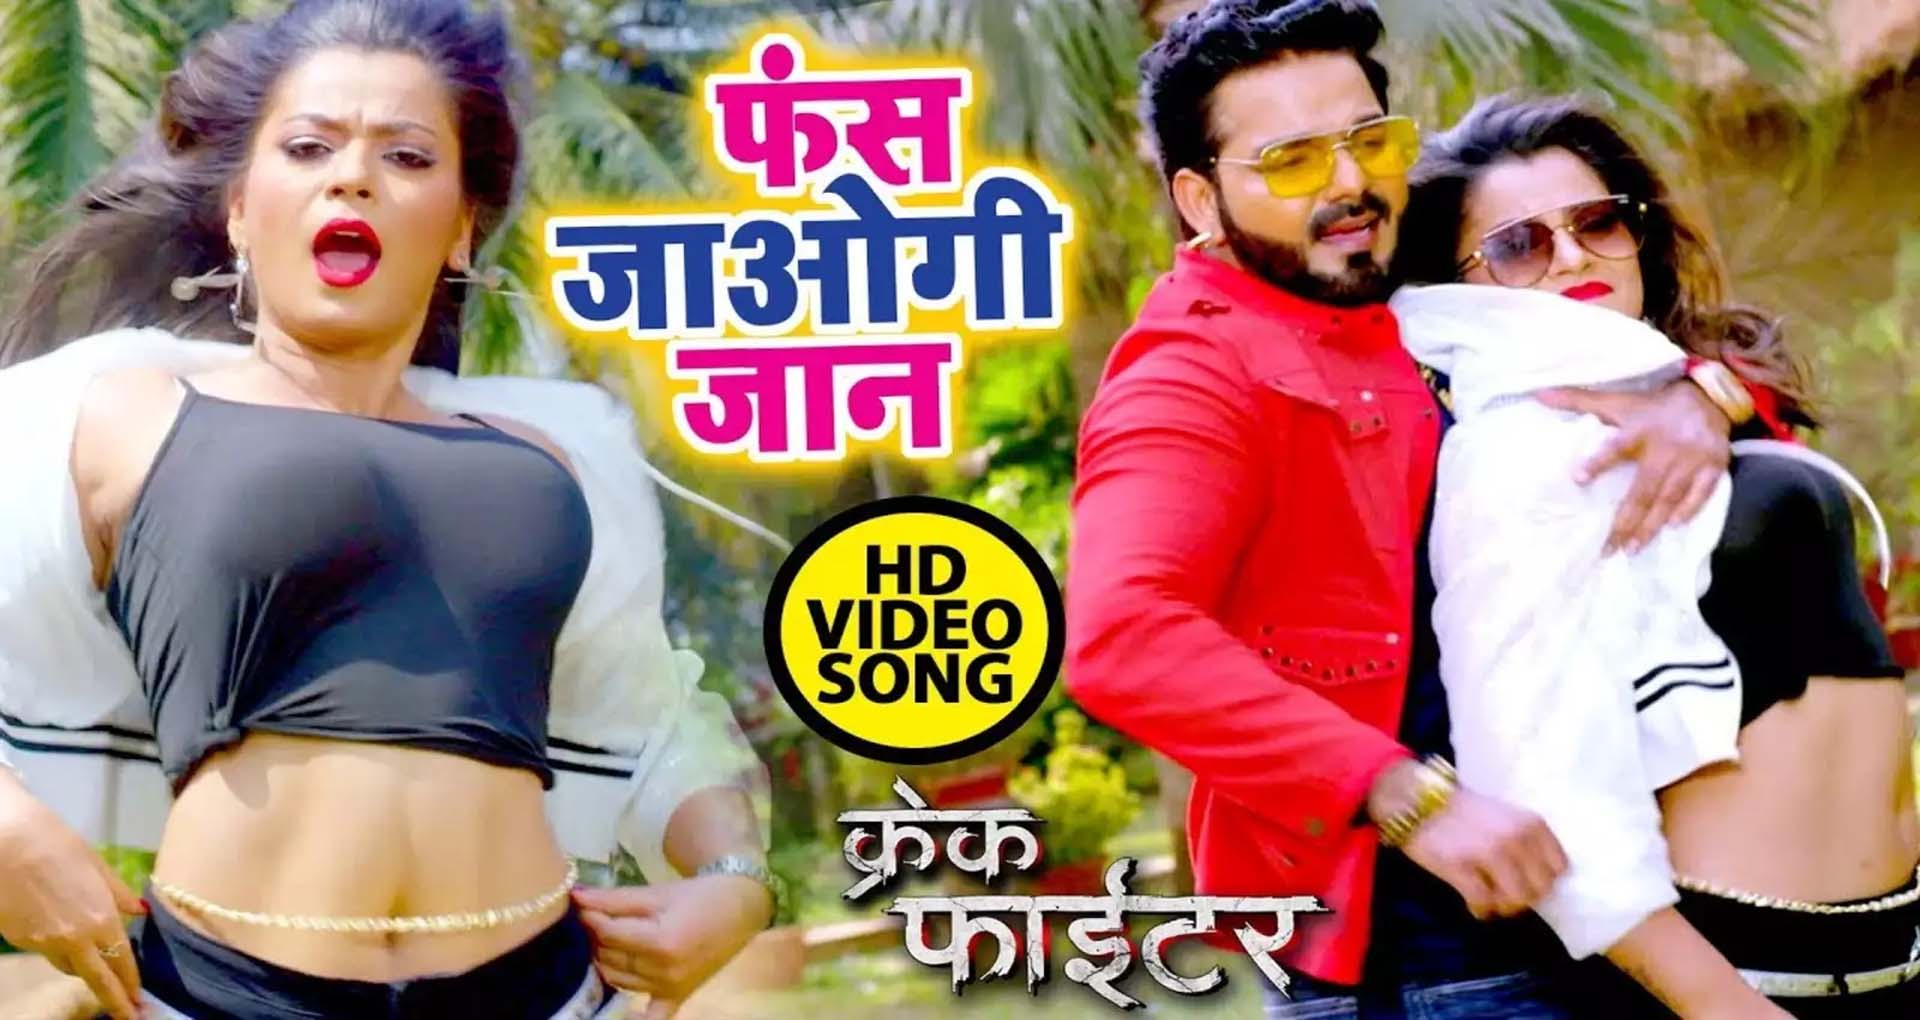 Pawan Singh Video Song: पवन सिंह और लुलिया का 'फंस जाओगी जान' गाना हुआ हिट, देखें वीडियो